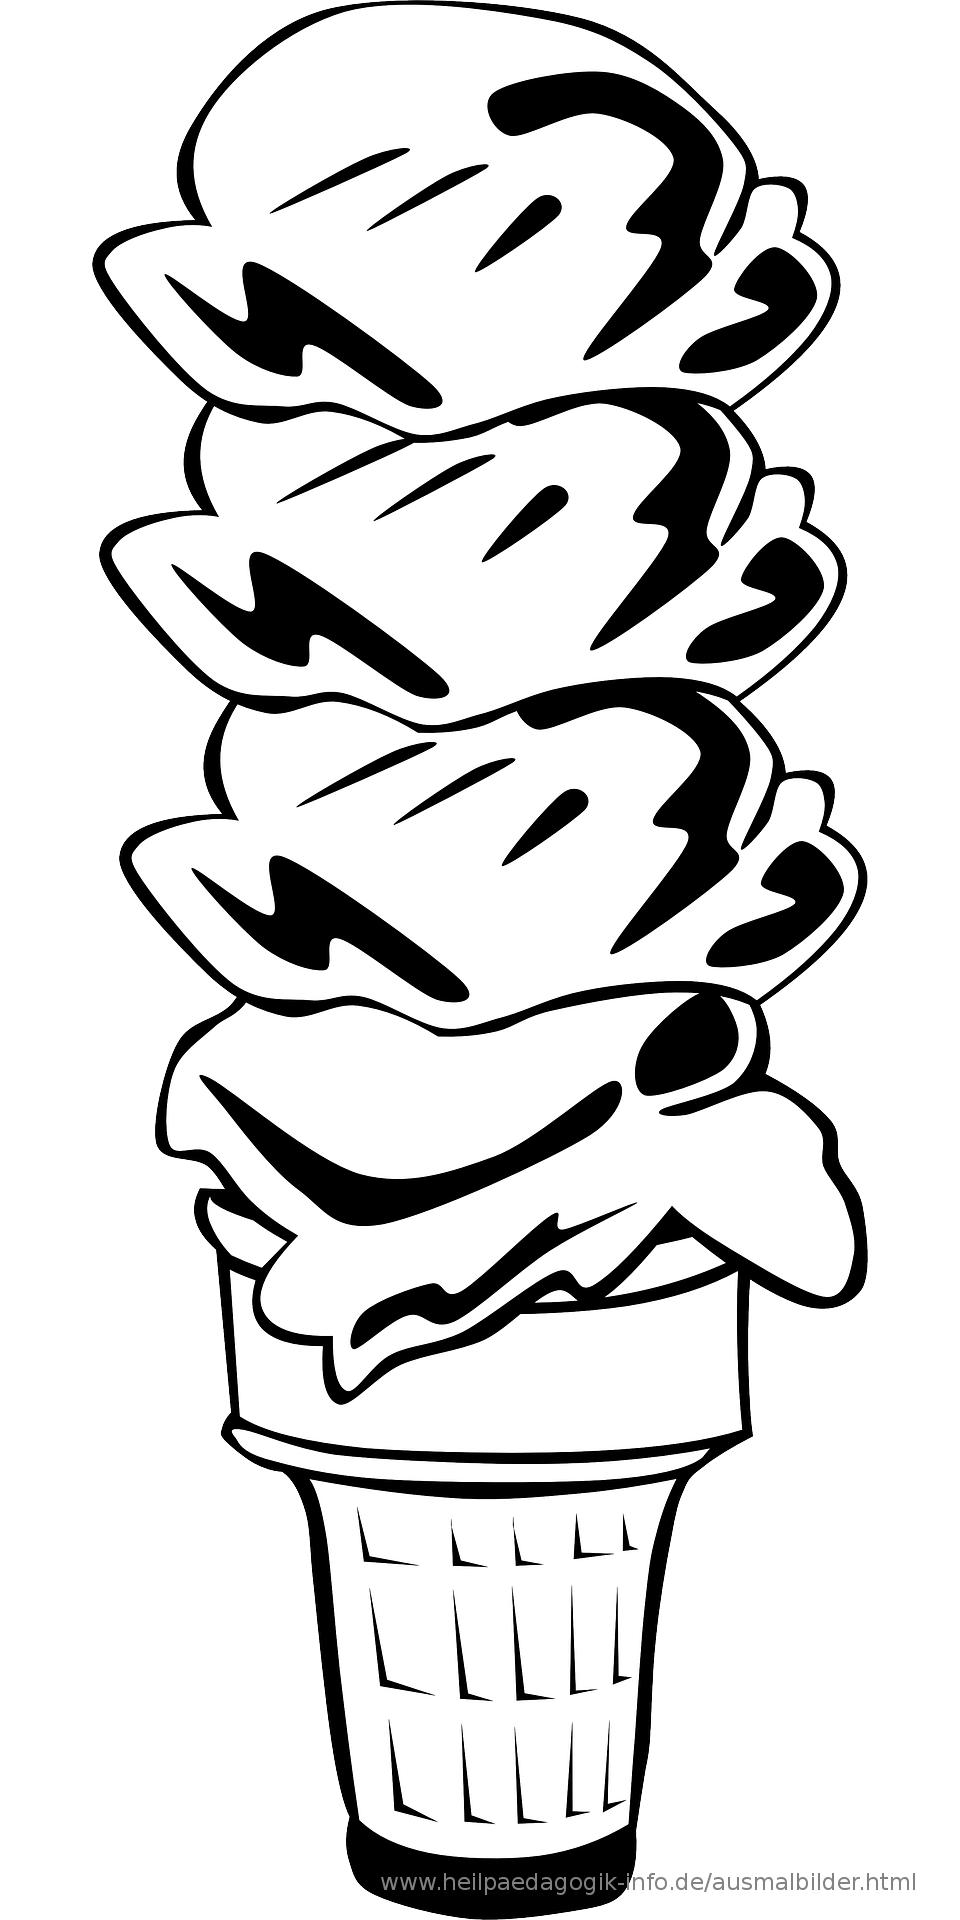 Als PDF oder PNG anzeigen - PNG Eis Essen